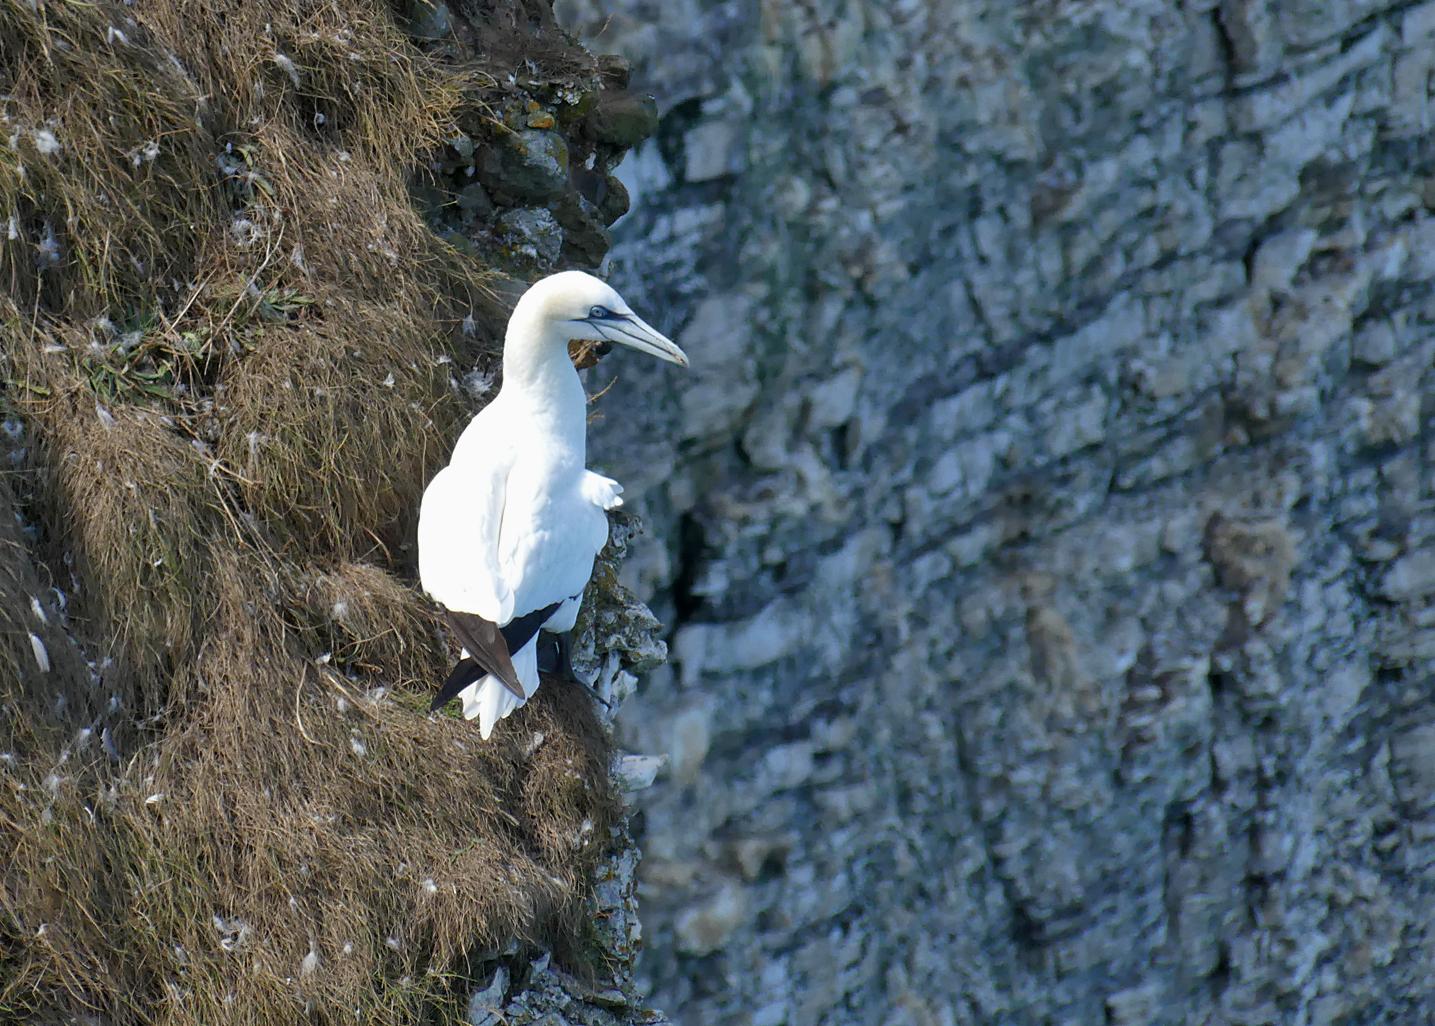 Gannet - Bempton Cliffs, 30 Aug 18